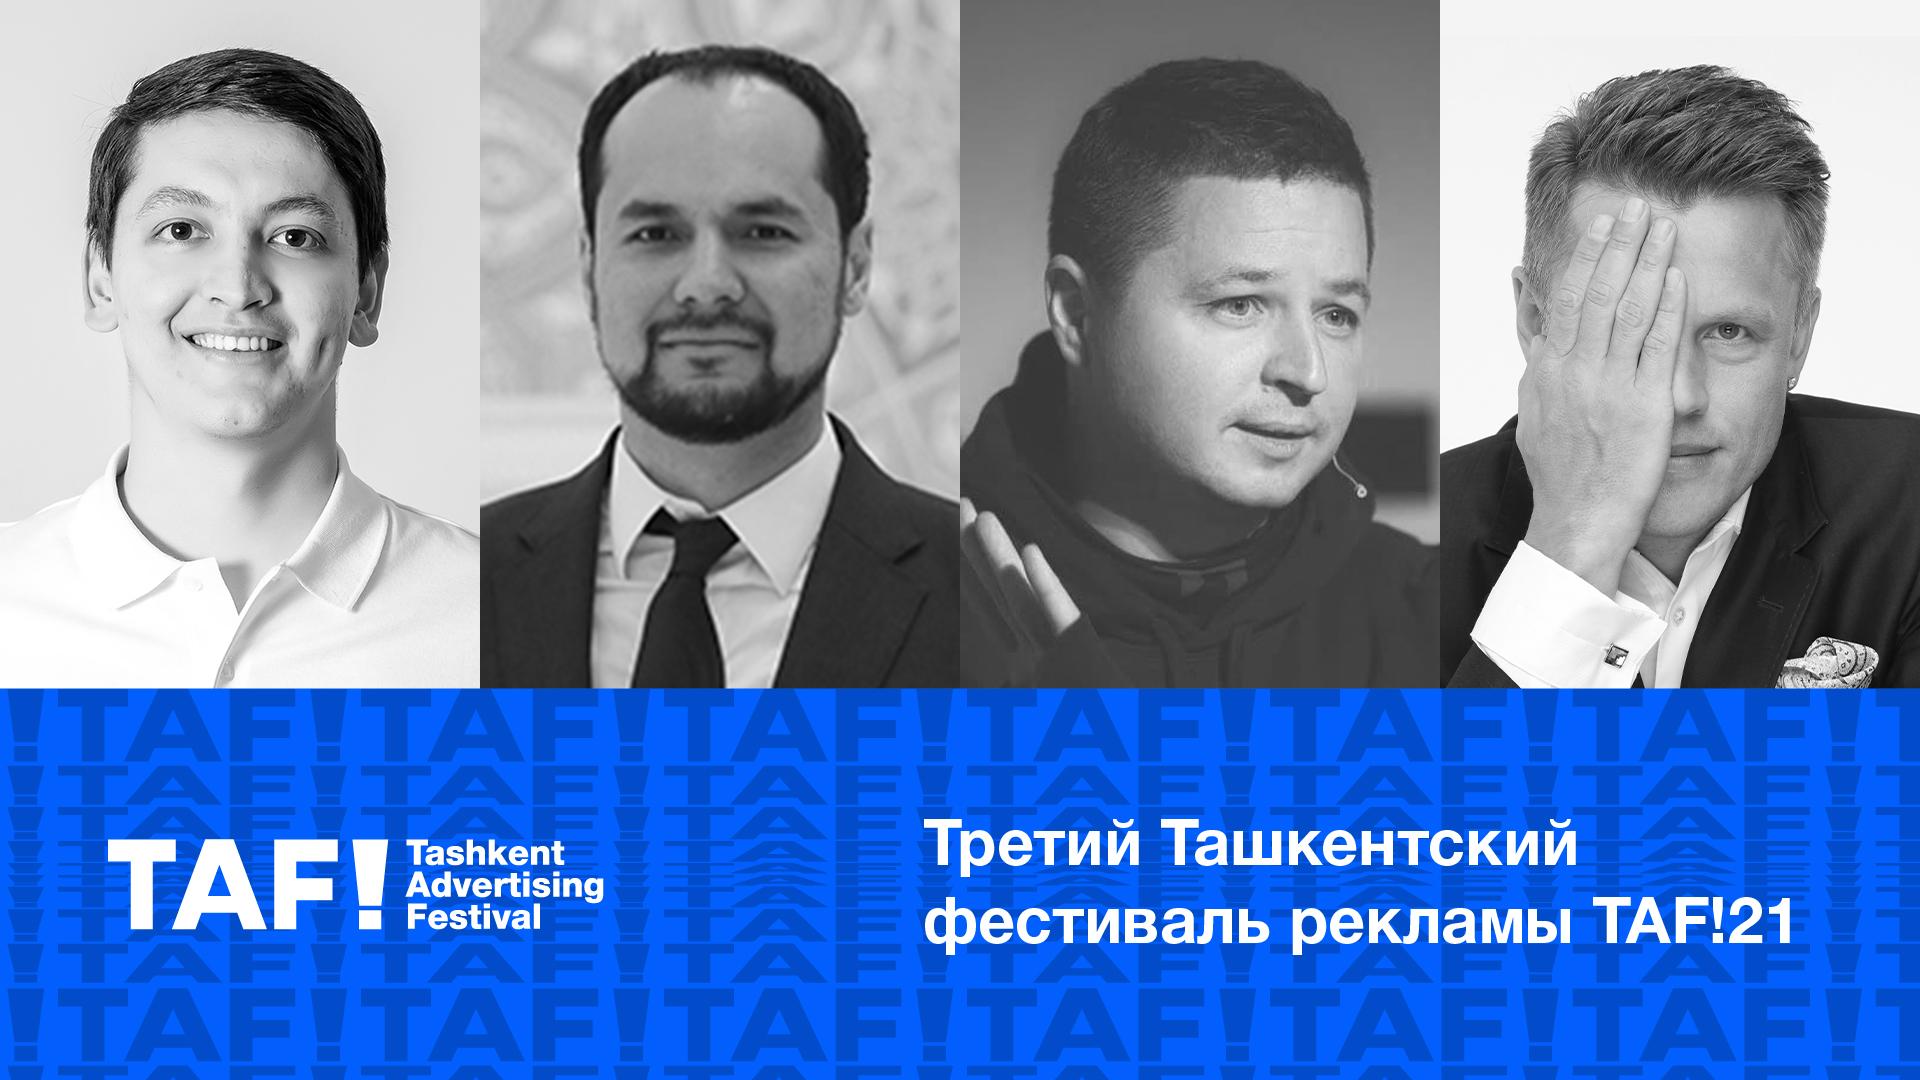 В Ташкенте пройдет Третий Ташкентский фестиваль рекламы TAF!21